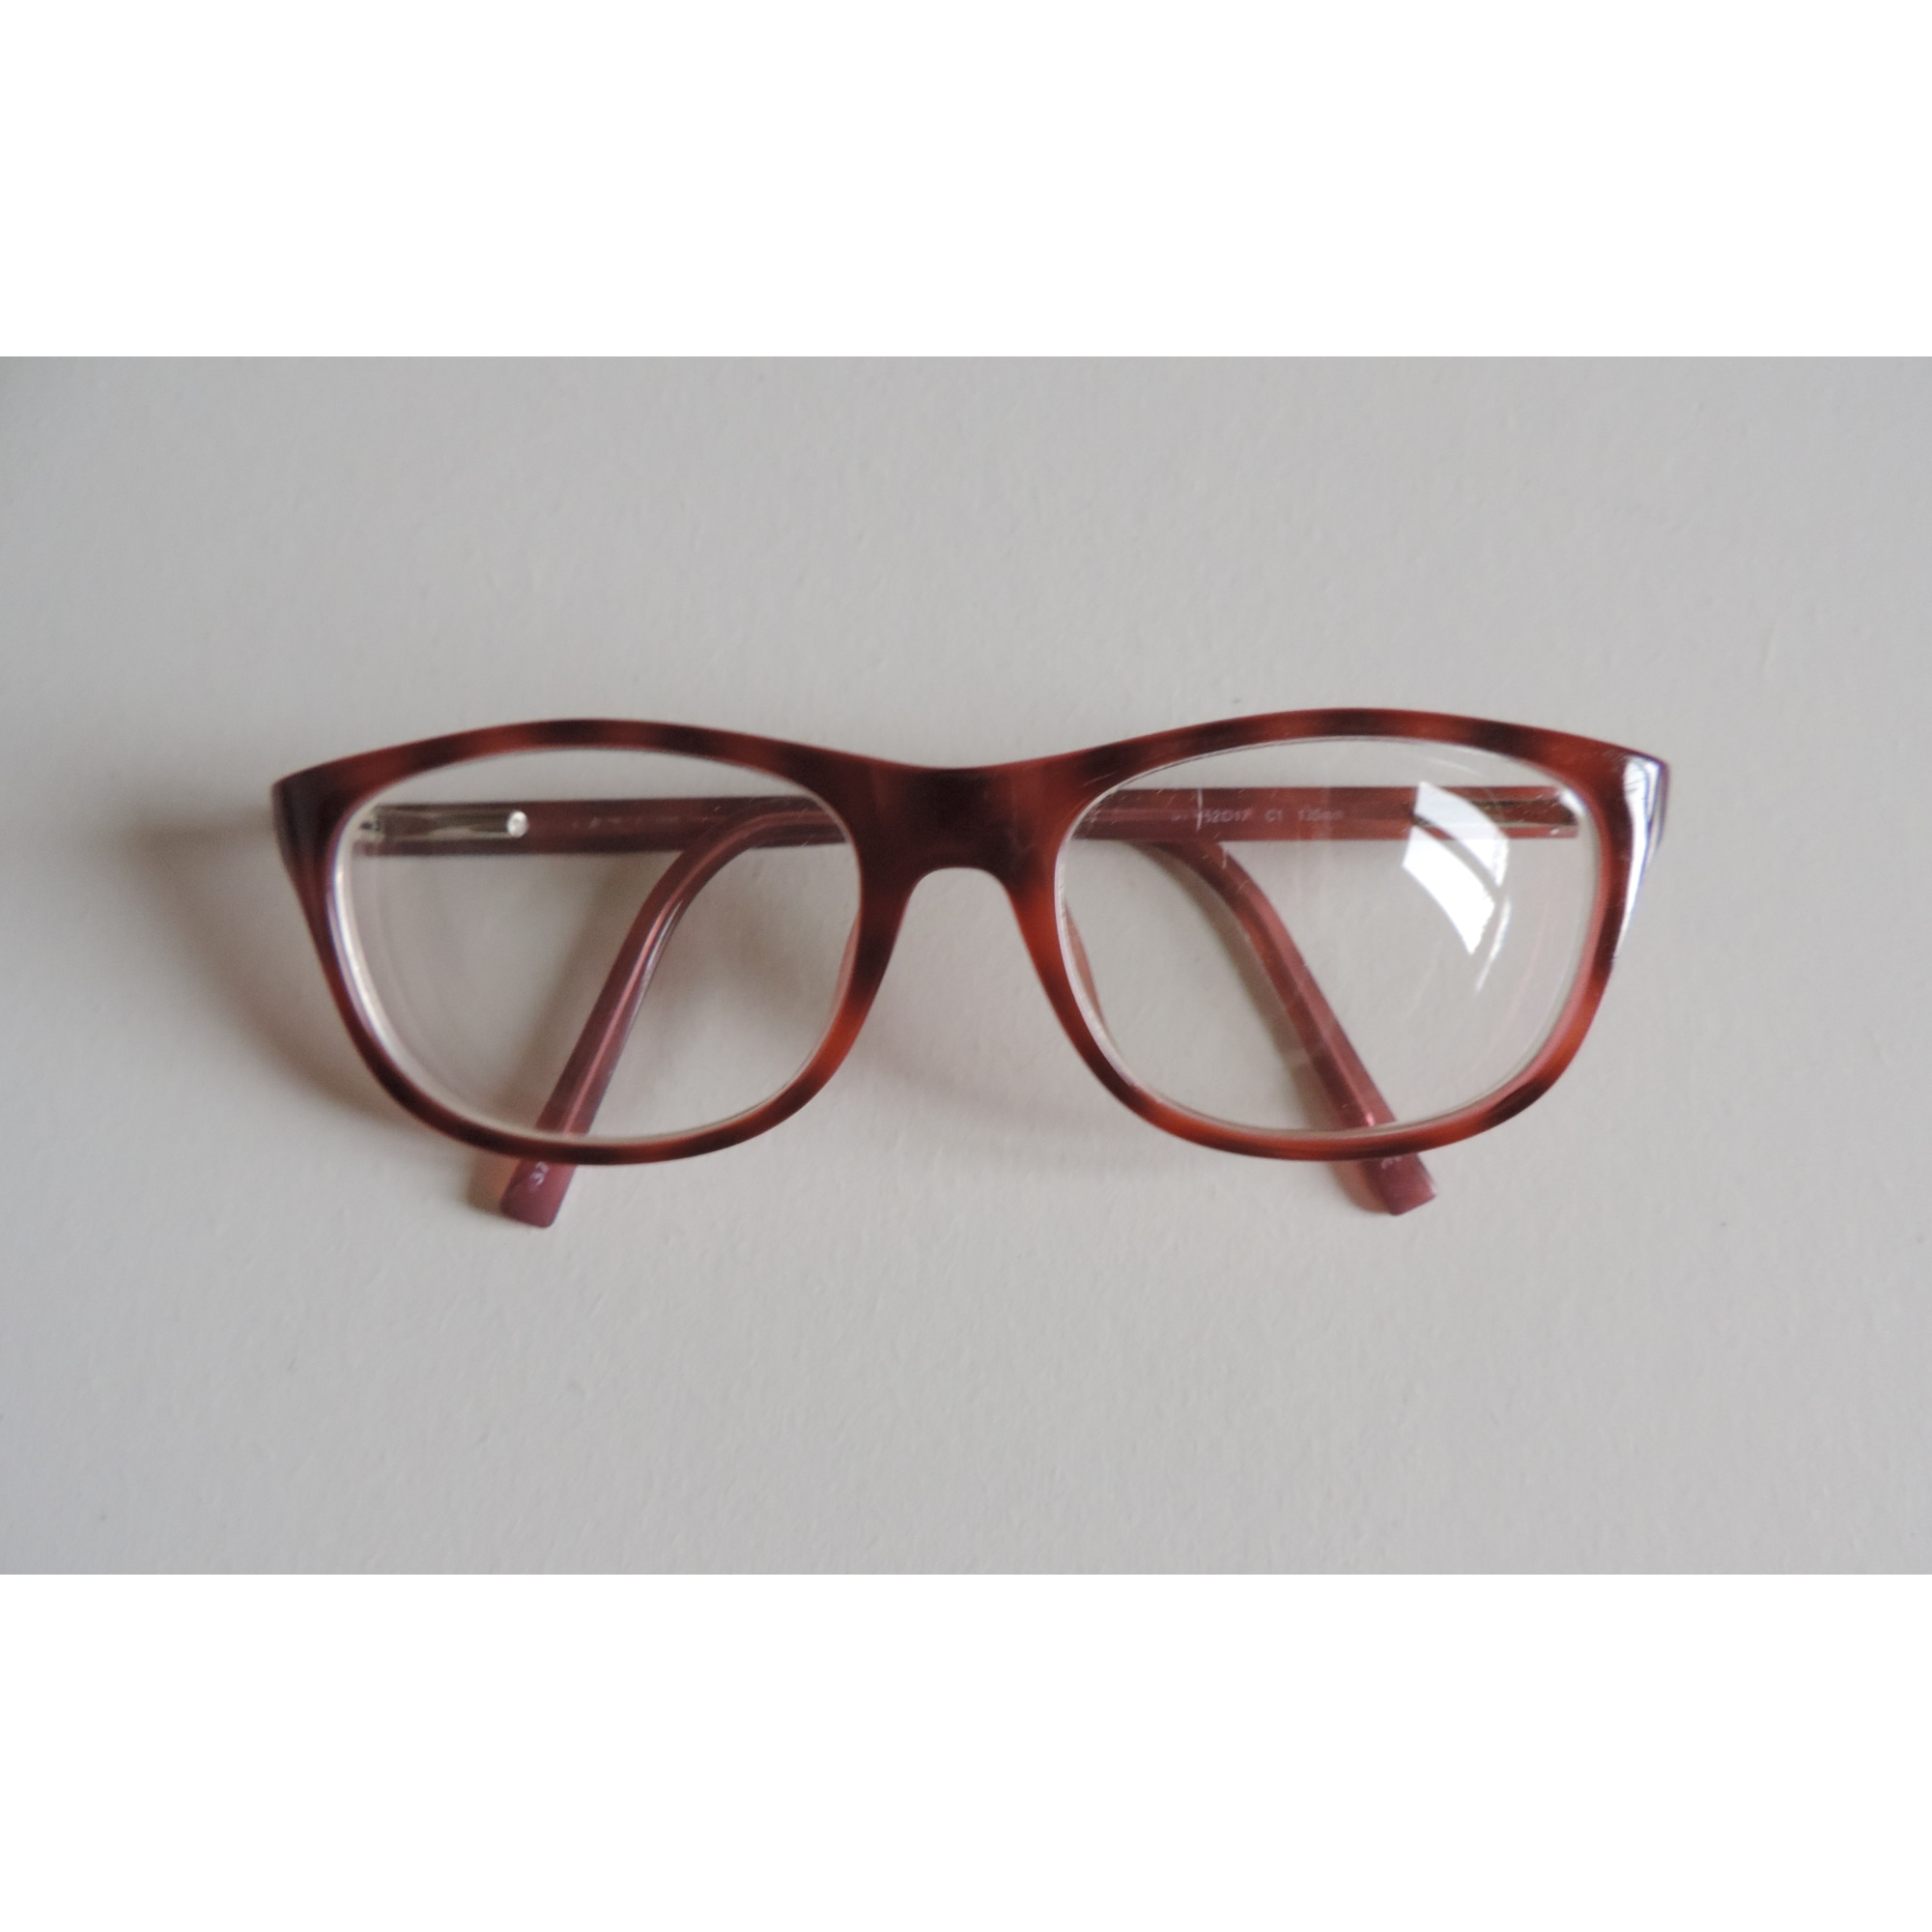 Monture de lunettes ALAIN AFFLELOU rouge - 5049768 31fef8668240